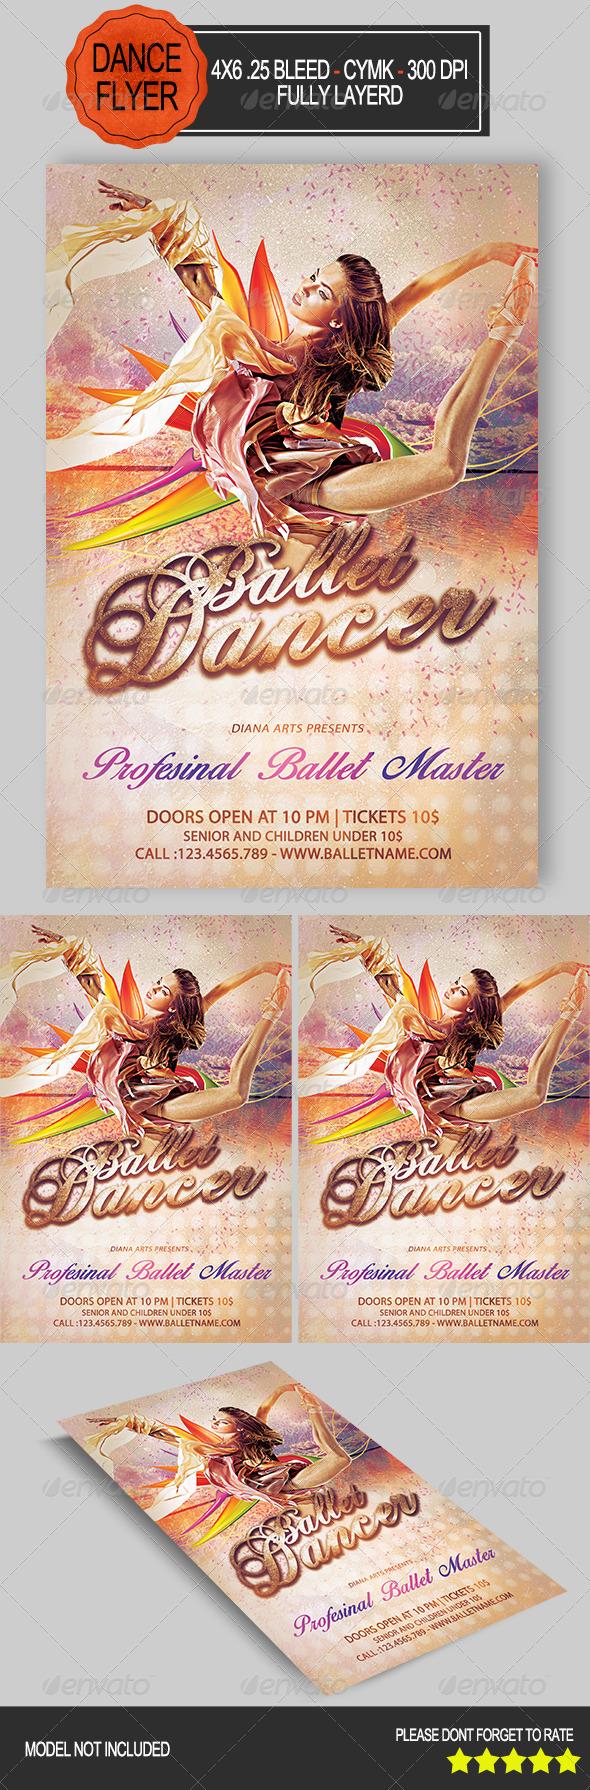 Ballet Dancer Flyer